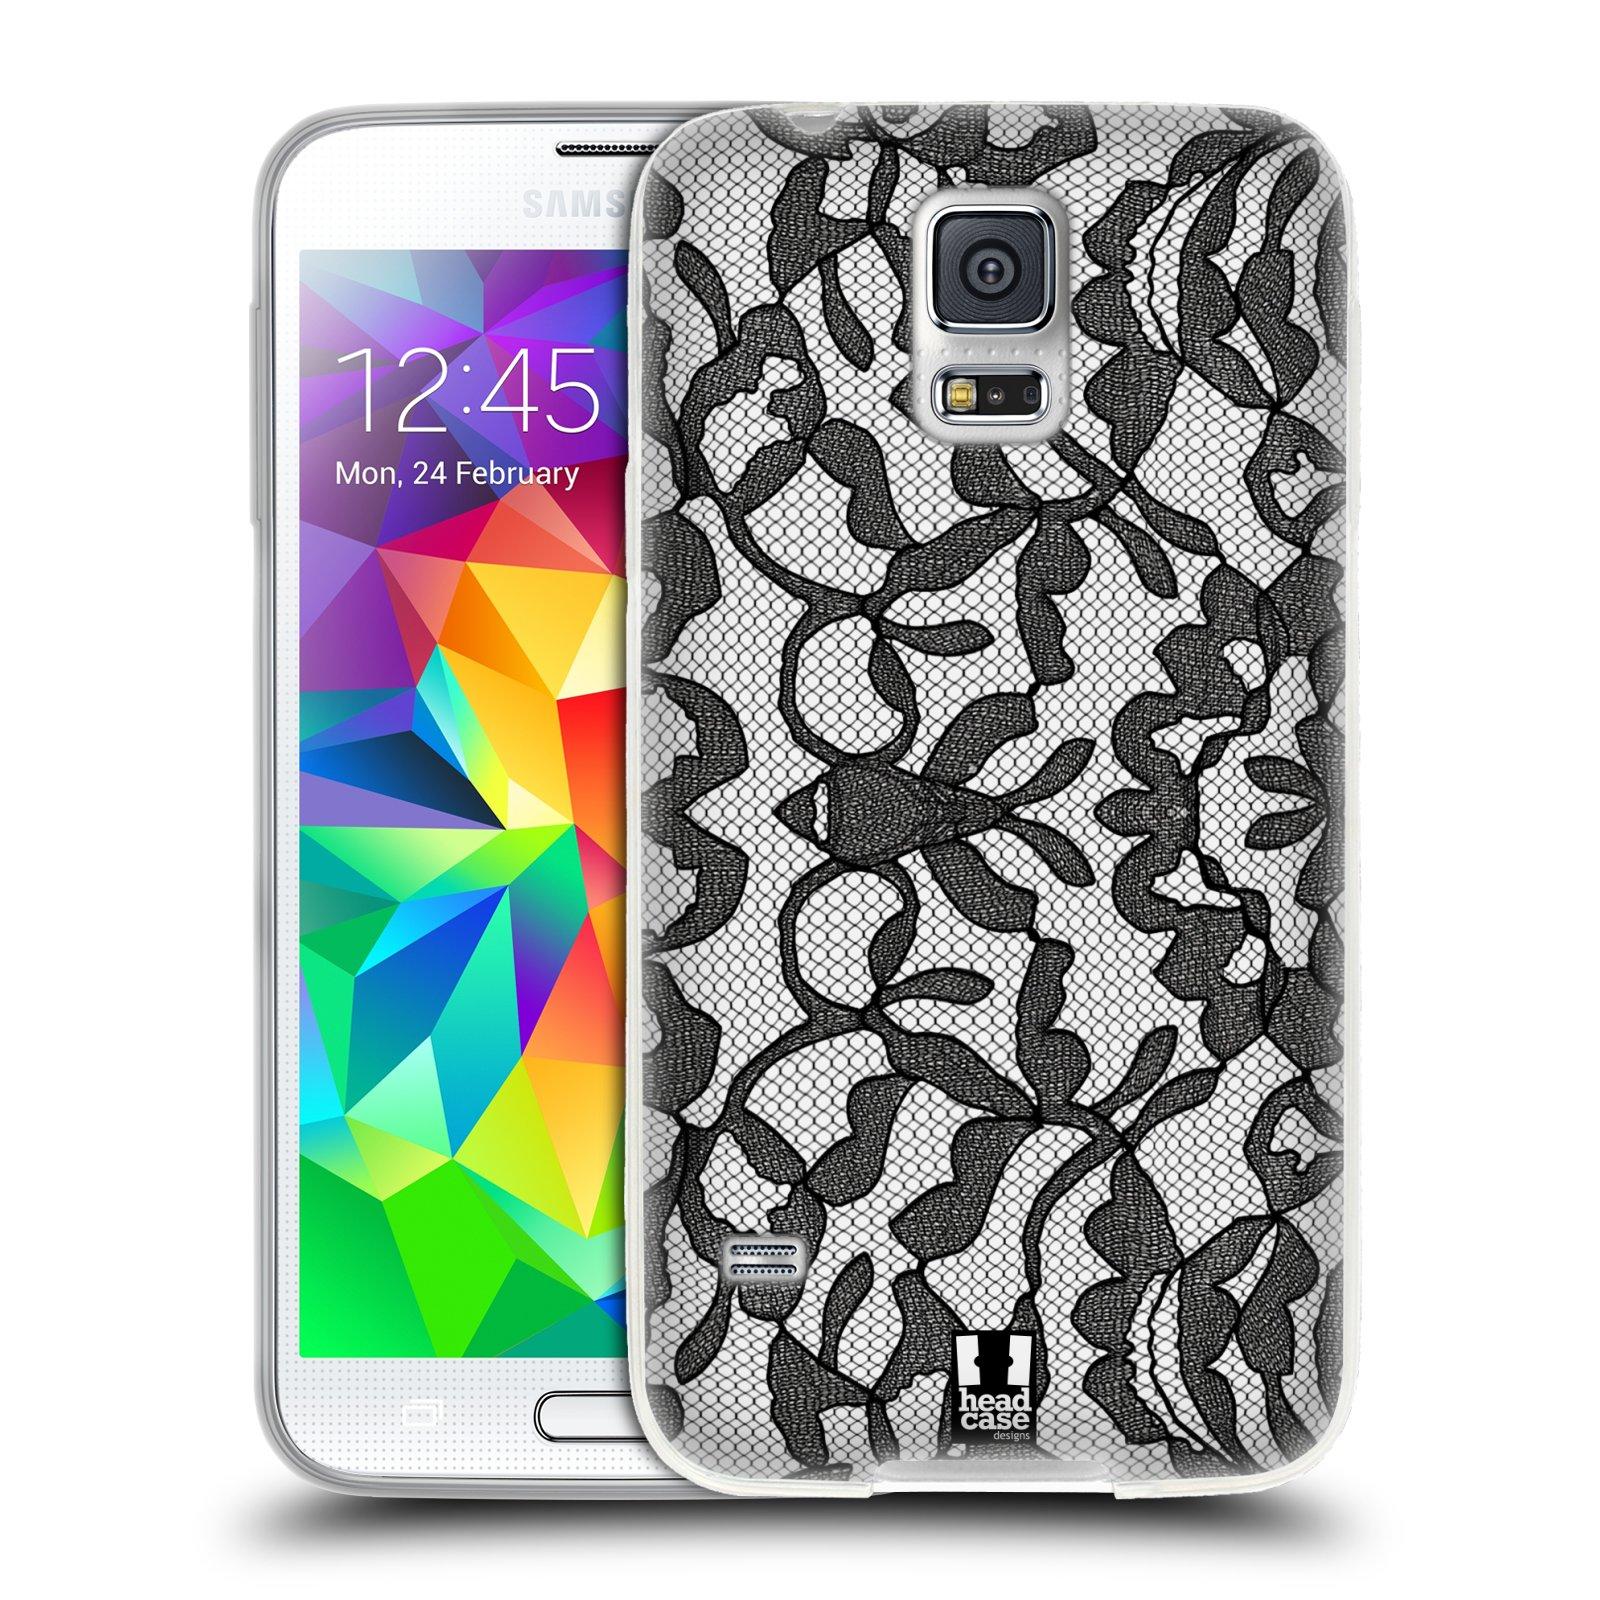 Silikonové pouzdro na mobil Samsung Galaxy S5 HEAD CASE LEAFY KRAJKA (Silikonový kryt či obal na mobilní telefon Samsung Galaxy S5 SM-G900F)